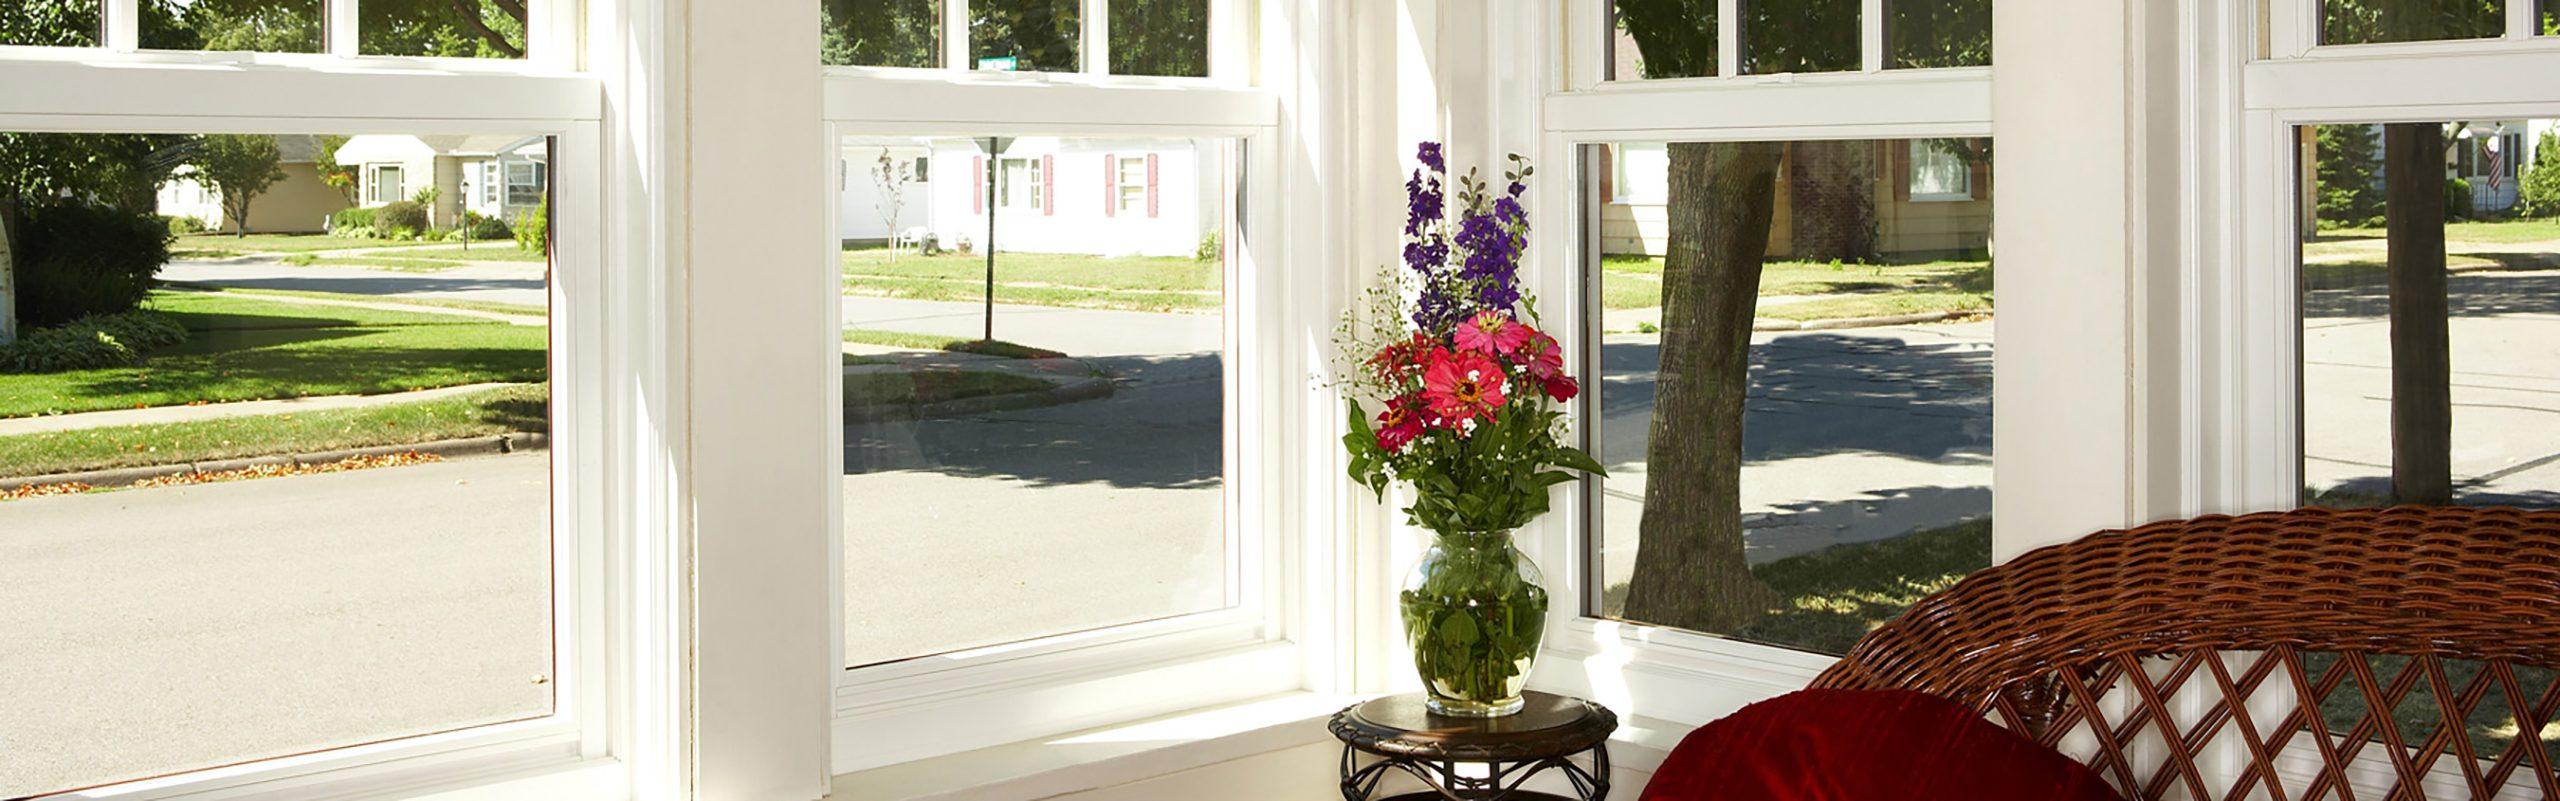 Super Seal PVCu windows